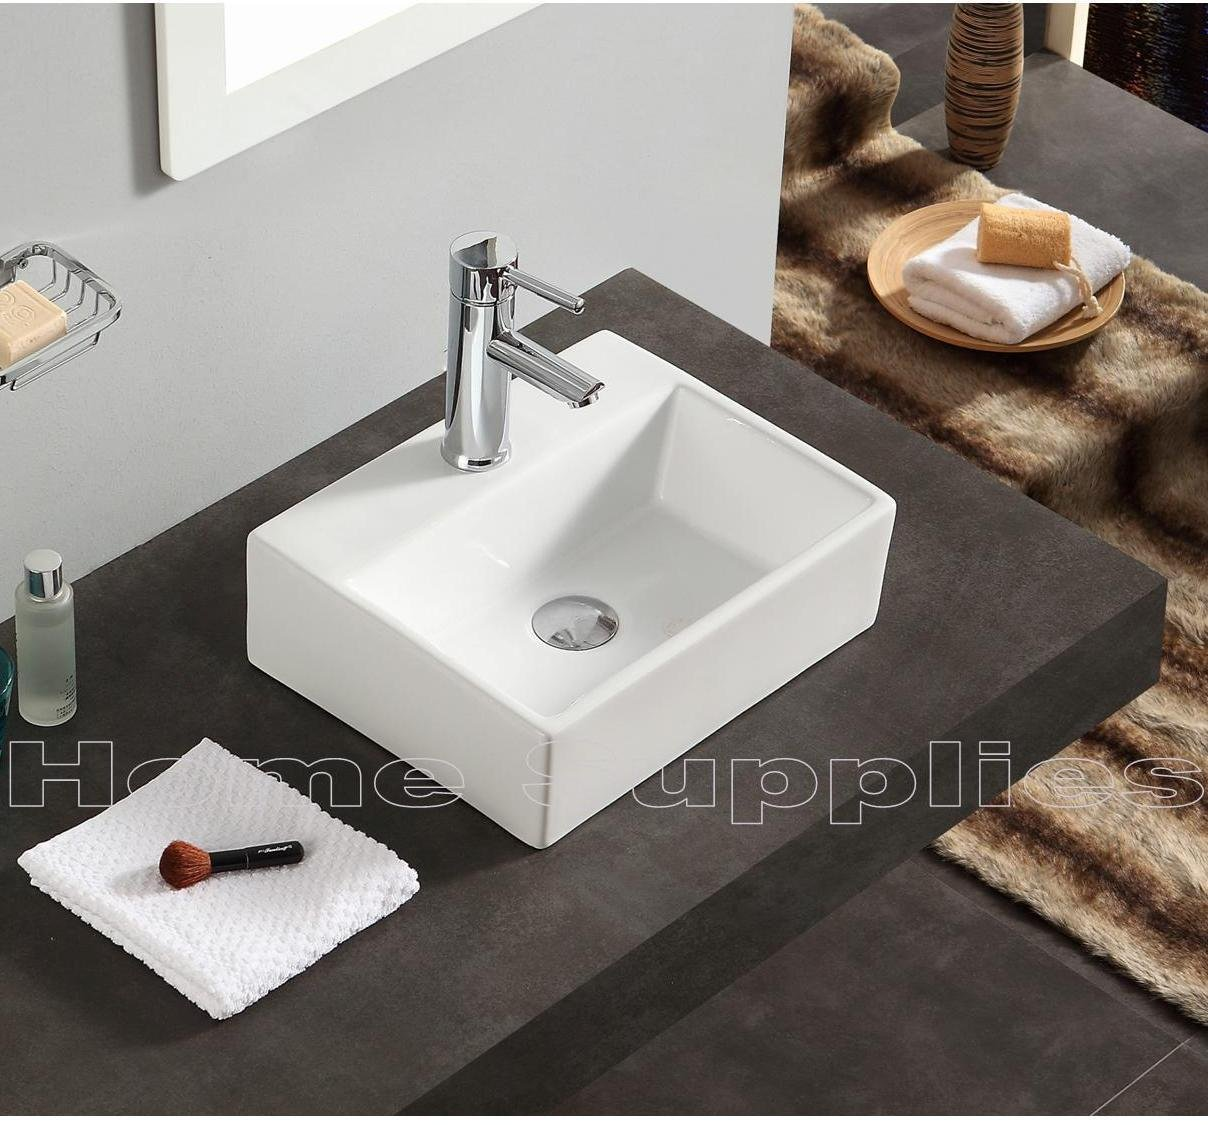 Waschbecken und Ablaufgarnitur, Keramik, klein, Wandbefestigung ...